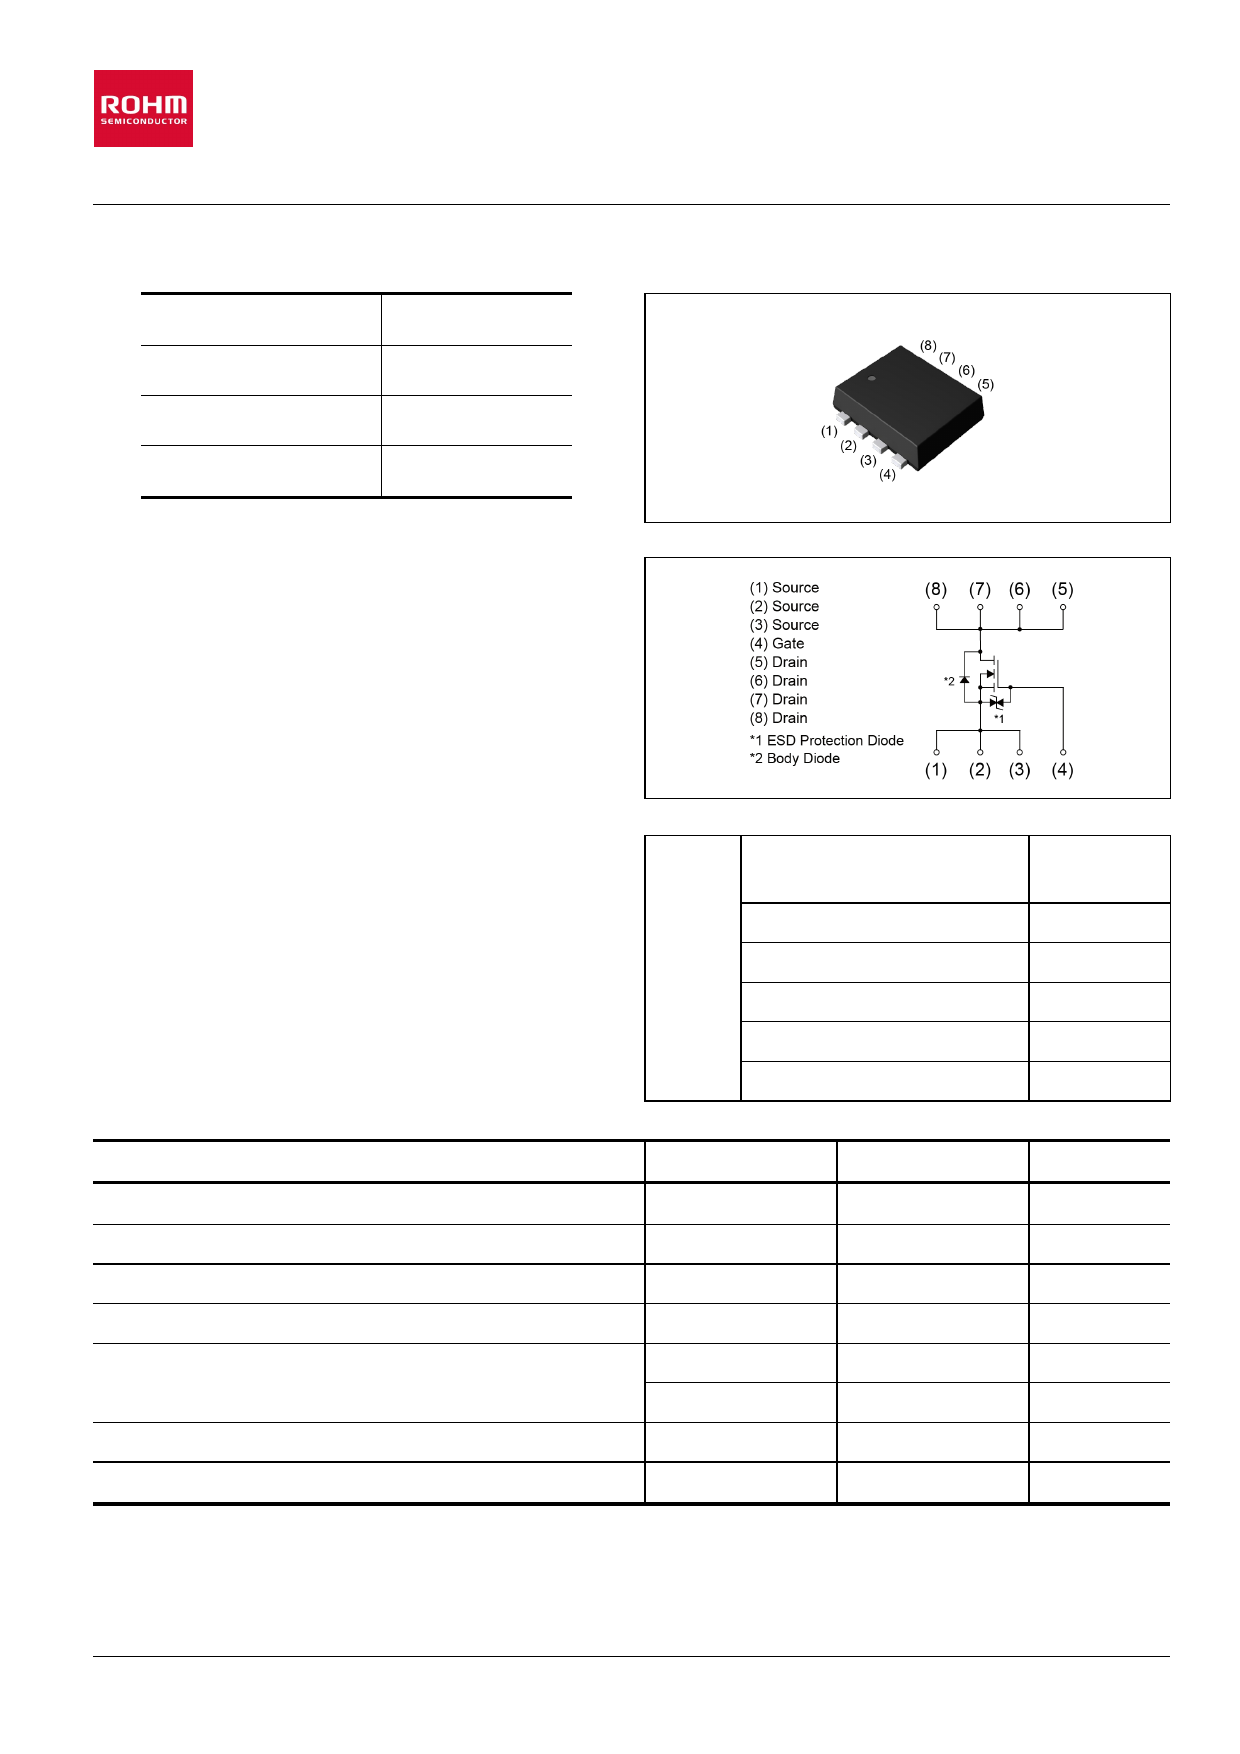 RQ1C065UN Datenblatt PDF